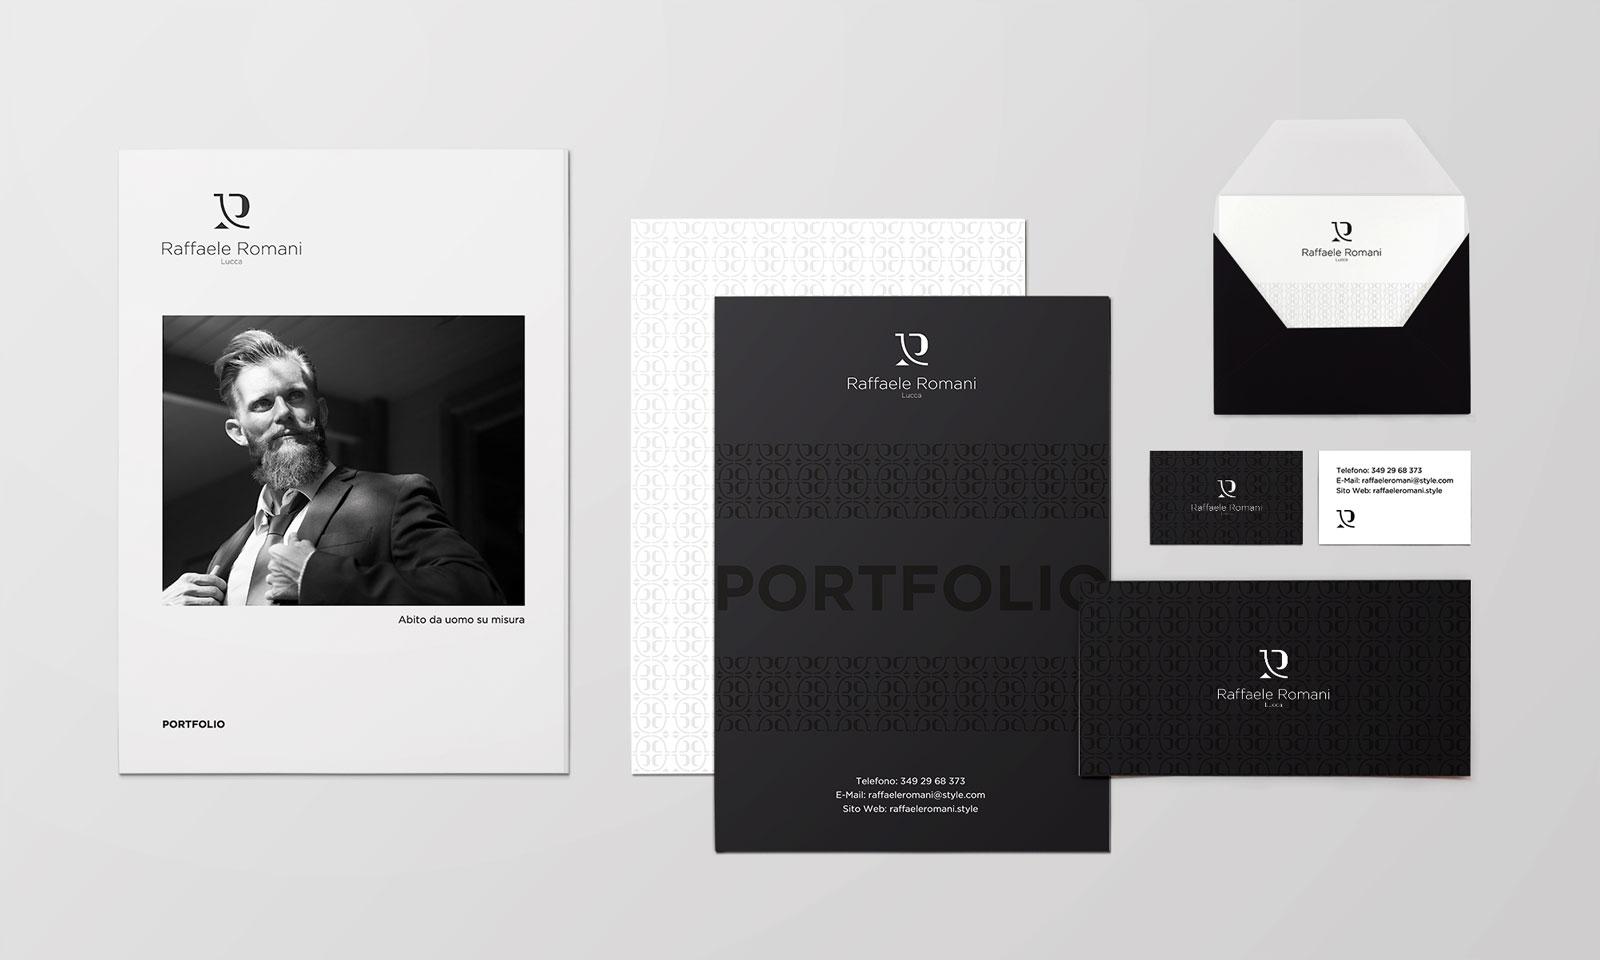 Fogli, cartelletta e busta aziendale con il logo e la brand identity di Raffaele Romani su sfondo bianco